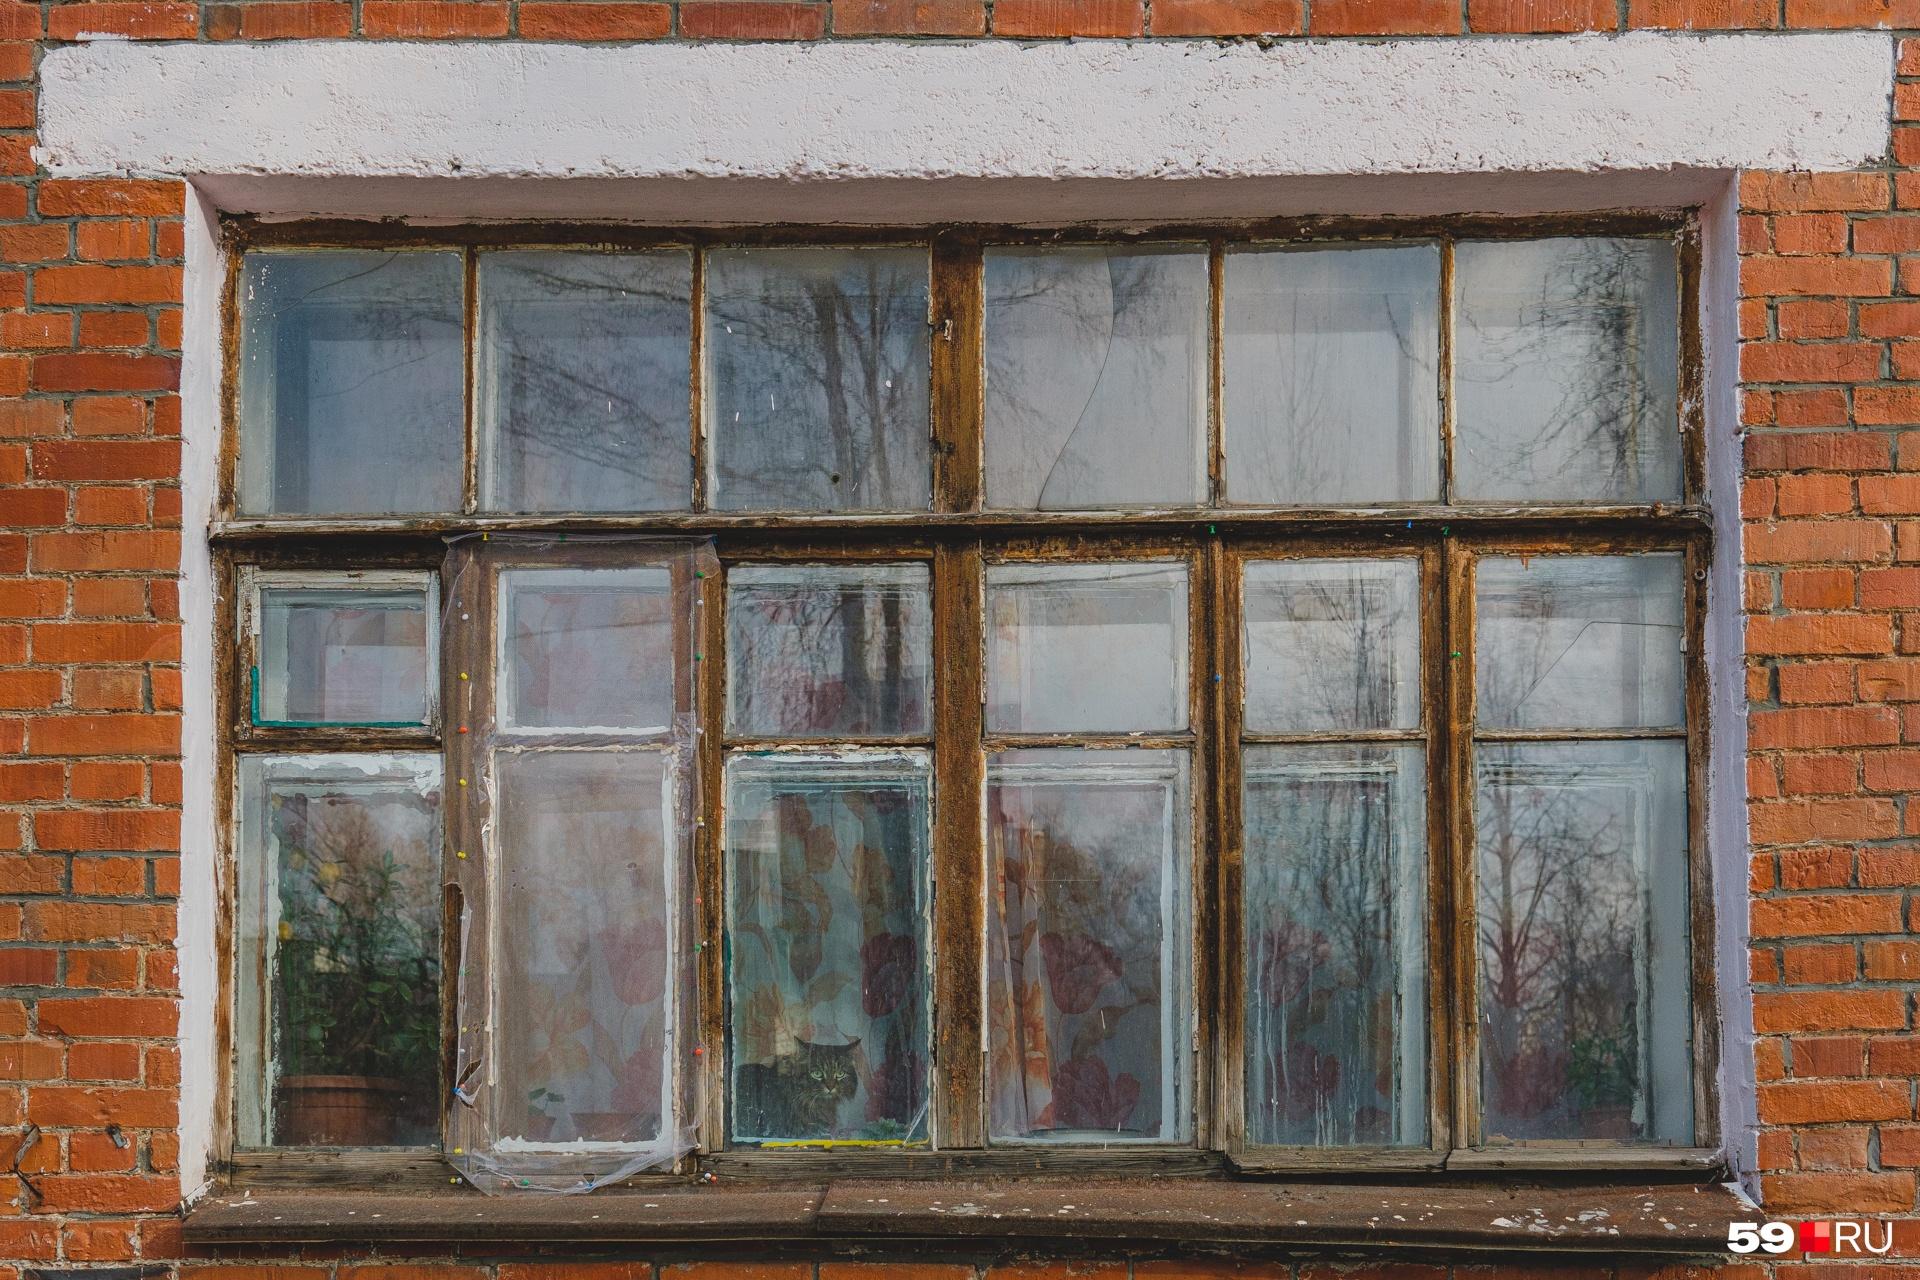 Сохранились и старые рамы, но они в плохом состоянии. Их тоже скоро заменят